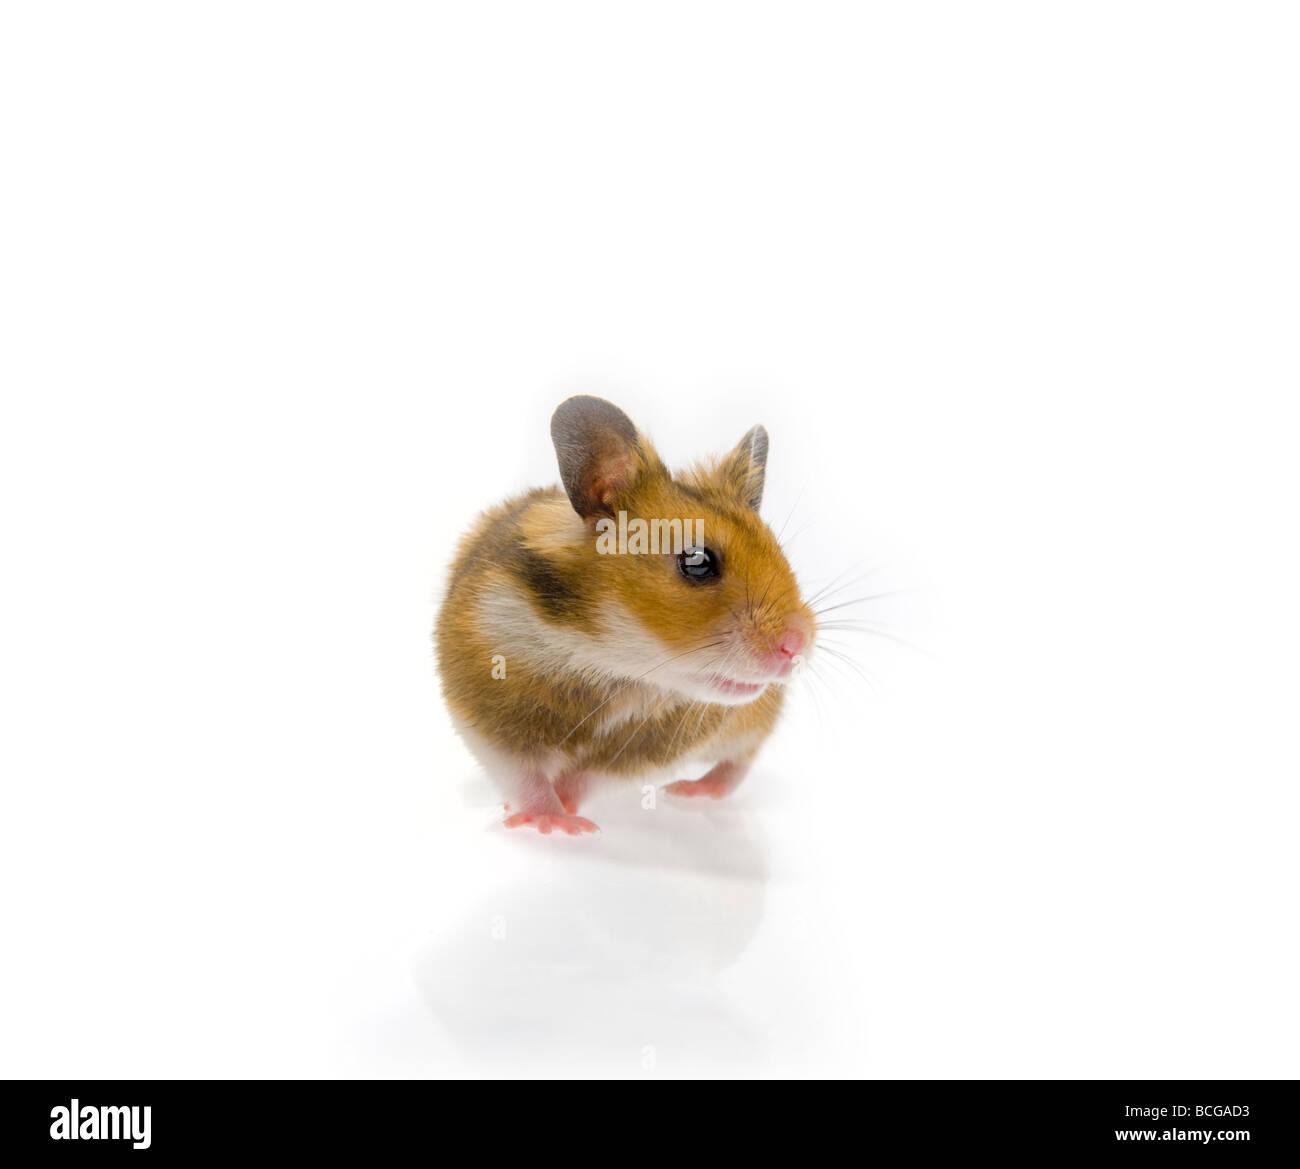 brown Hamster on white background goldhamster dark plain background pet animal studio shot awake listen listening - Stock Image